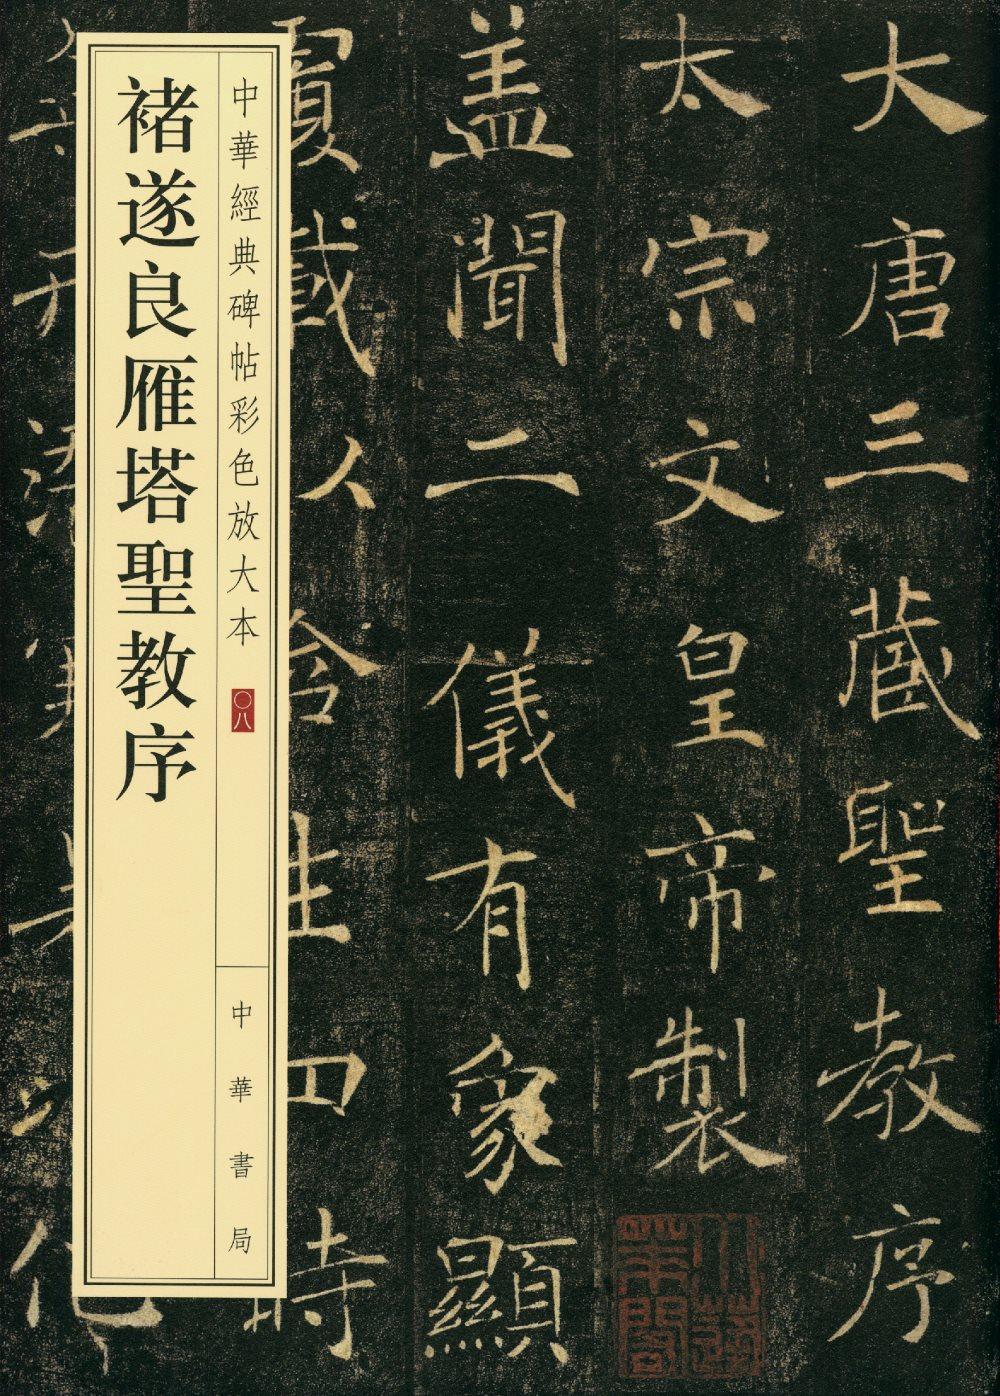 中華經典碑帖彩色放大本:褚遂良雁塔聖教序